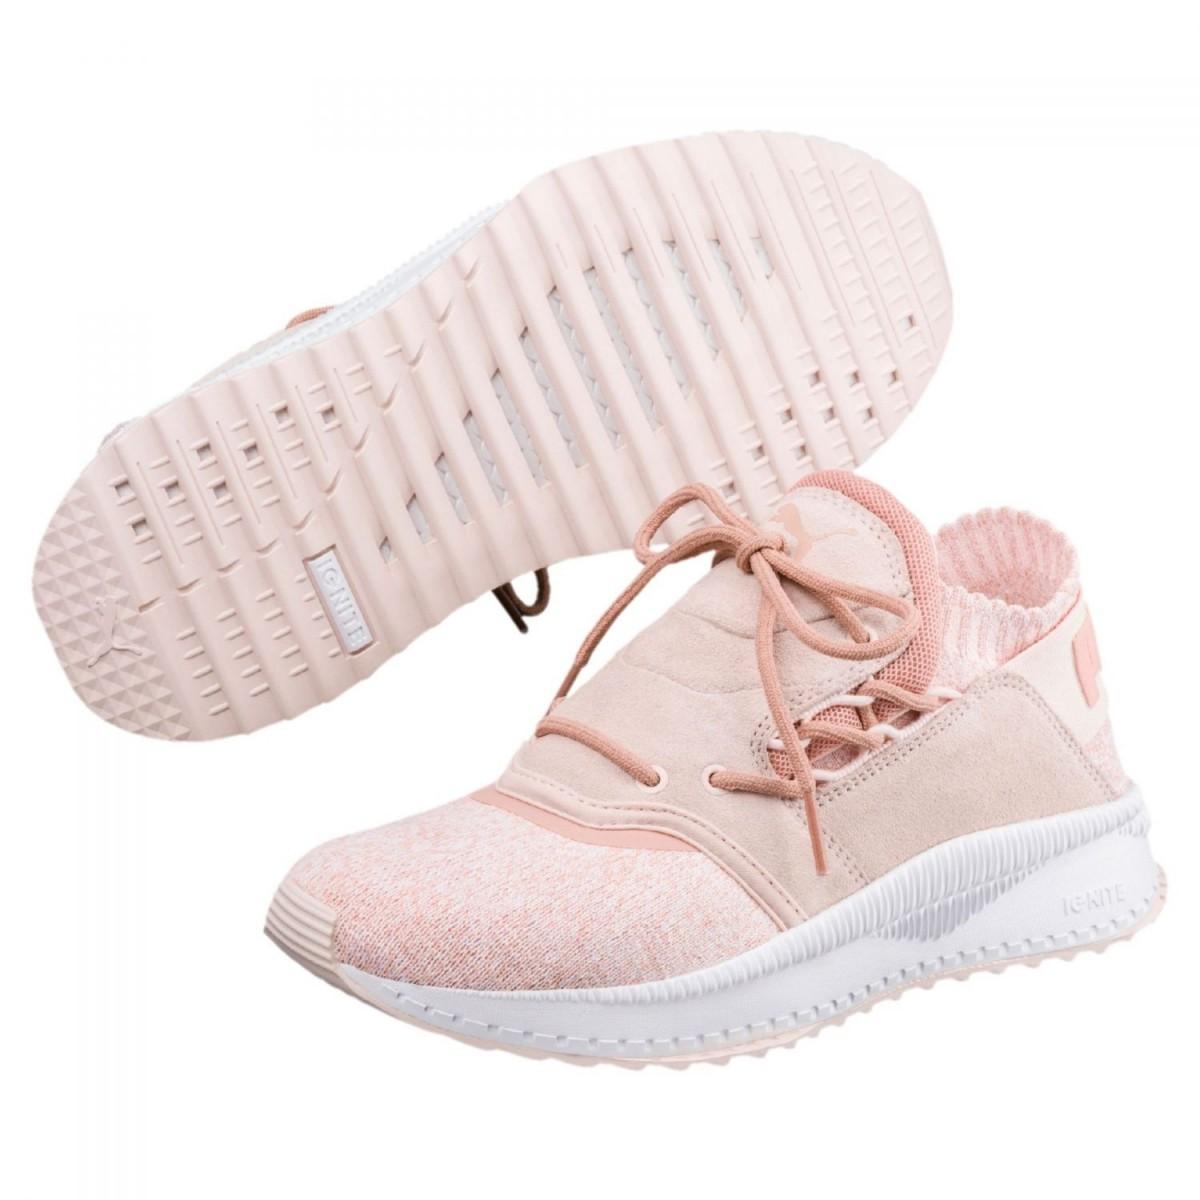 Puma Tsugi Shinsei evoKnit Sneaker